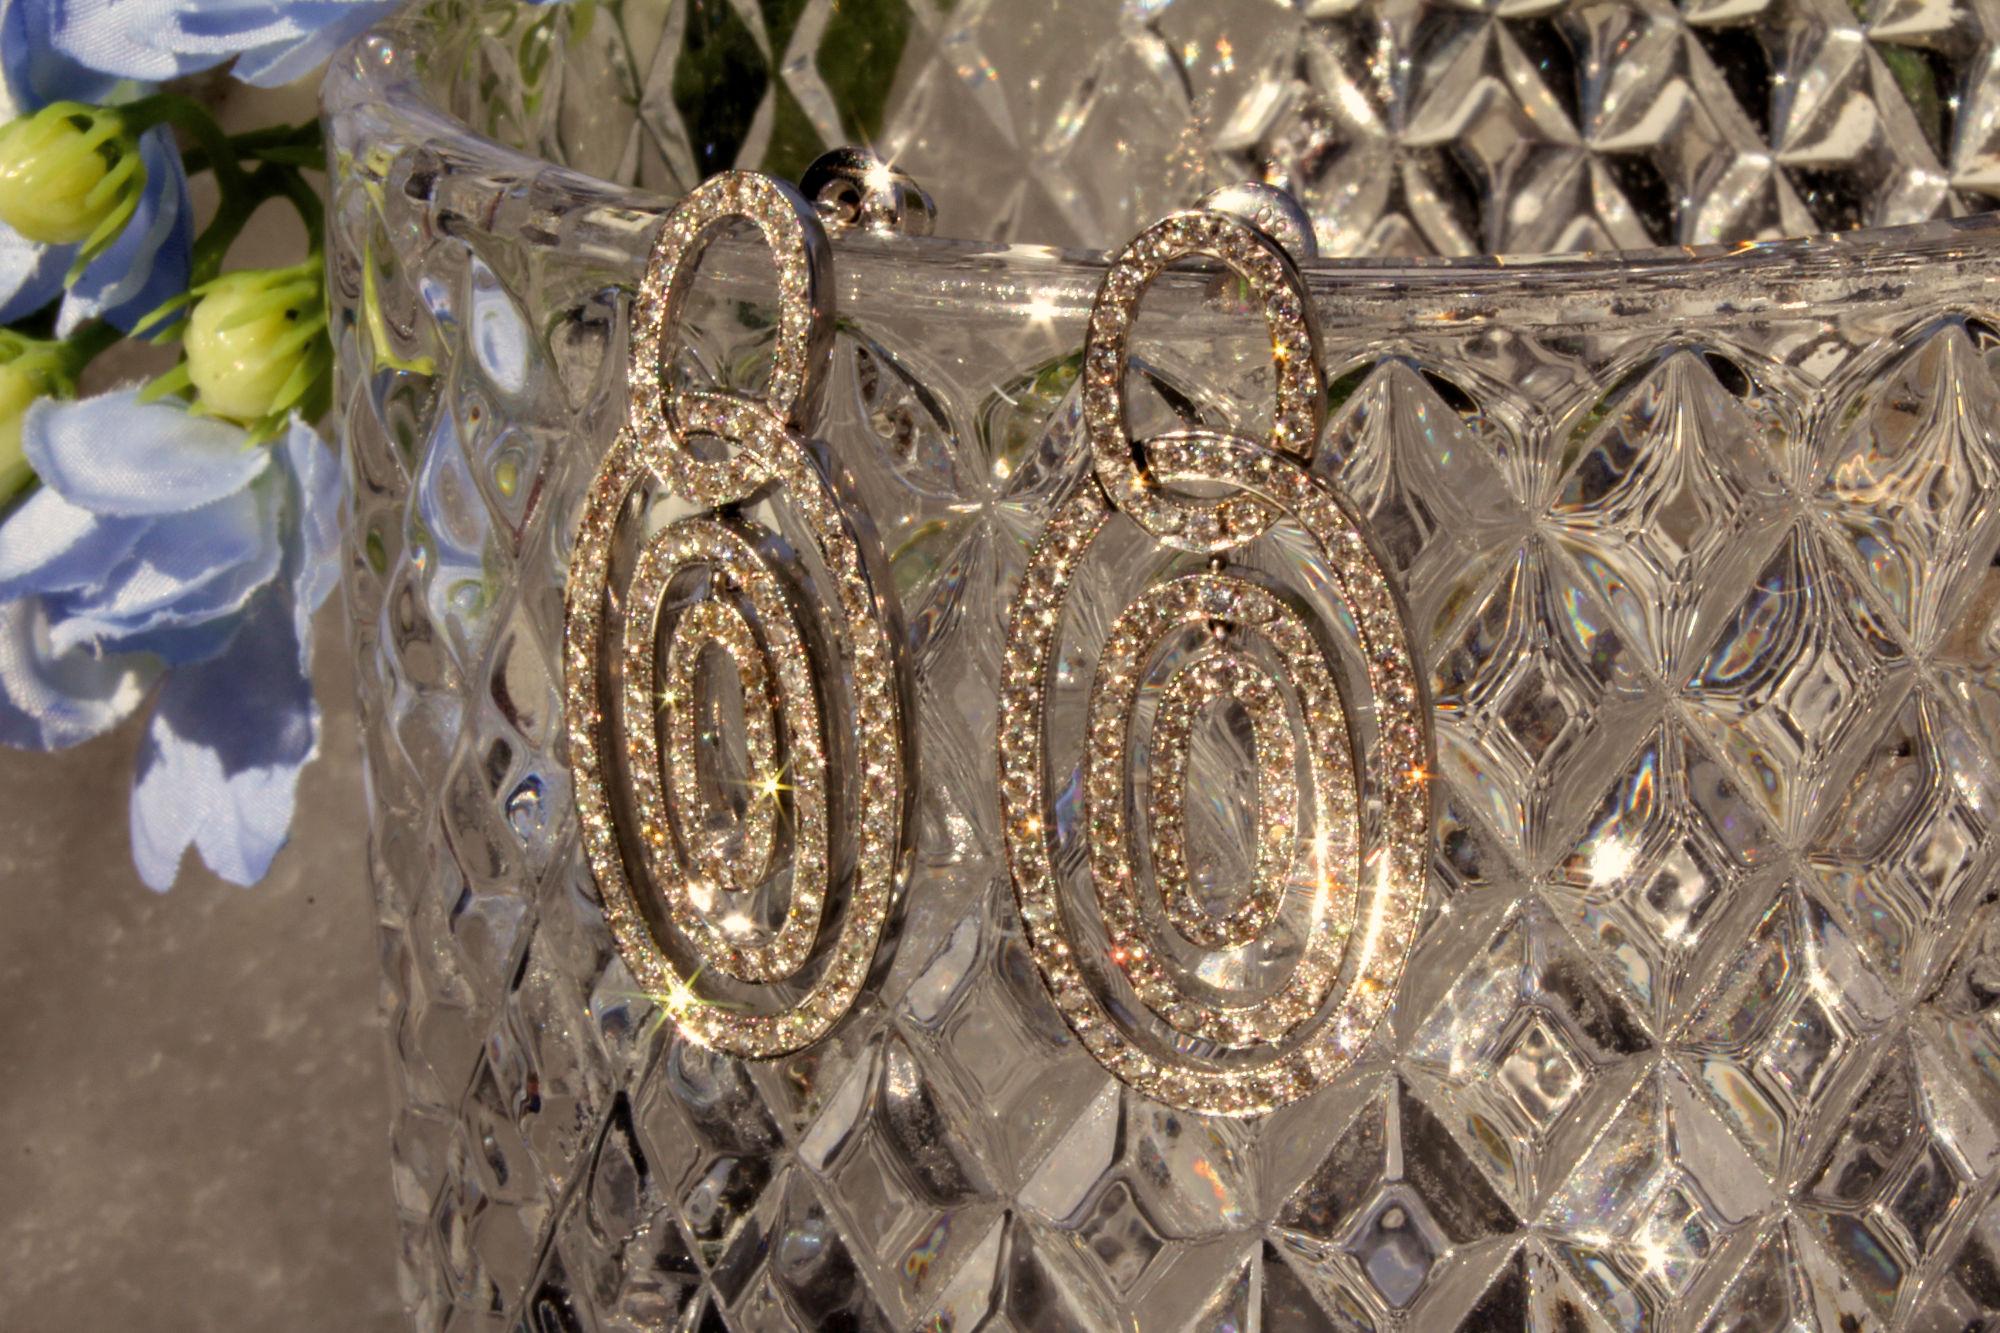 Traumhaft schöne und wertvolle Ohrhänger mit 3 inneinander liegenden Ellipsen 750 Weißgold mit Brillanten. Ein wunderschöner Blickfang!